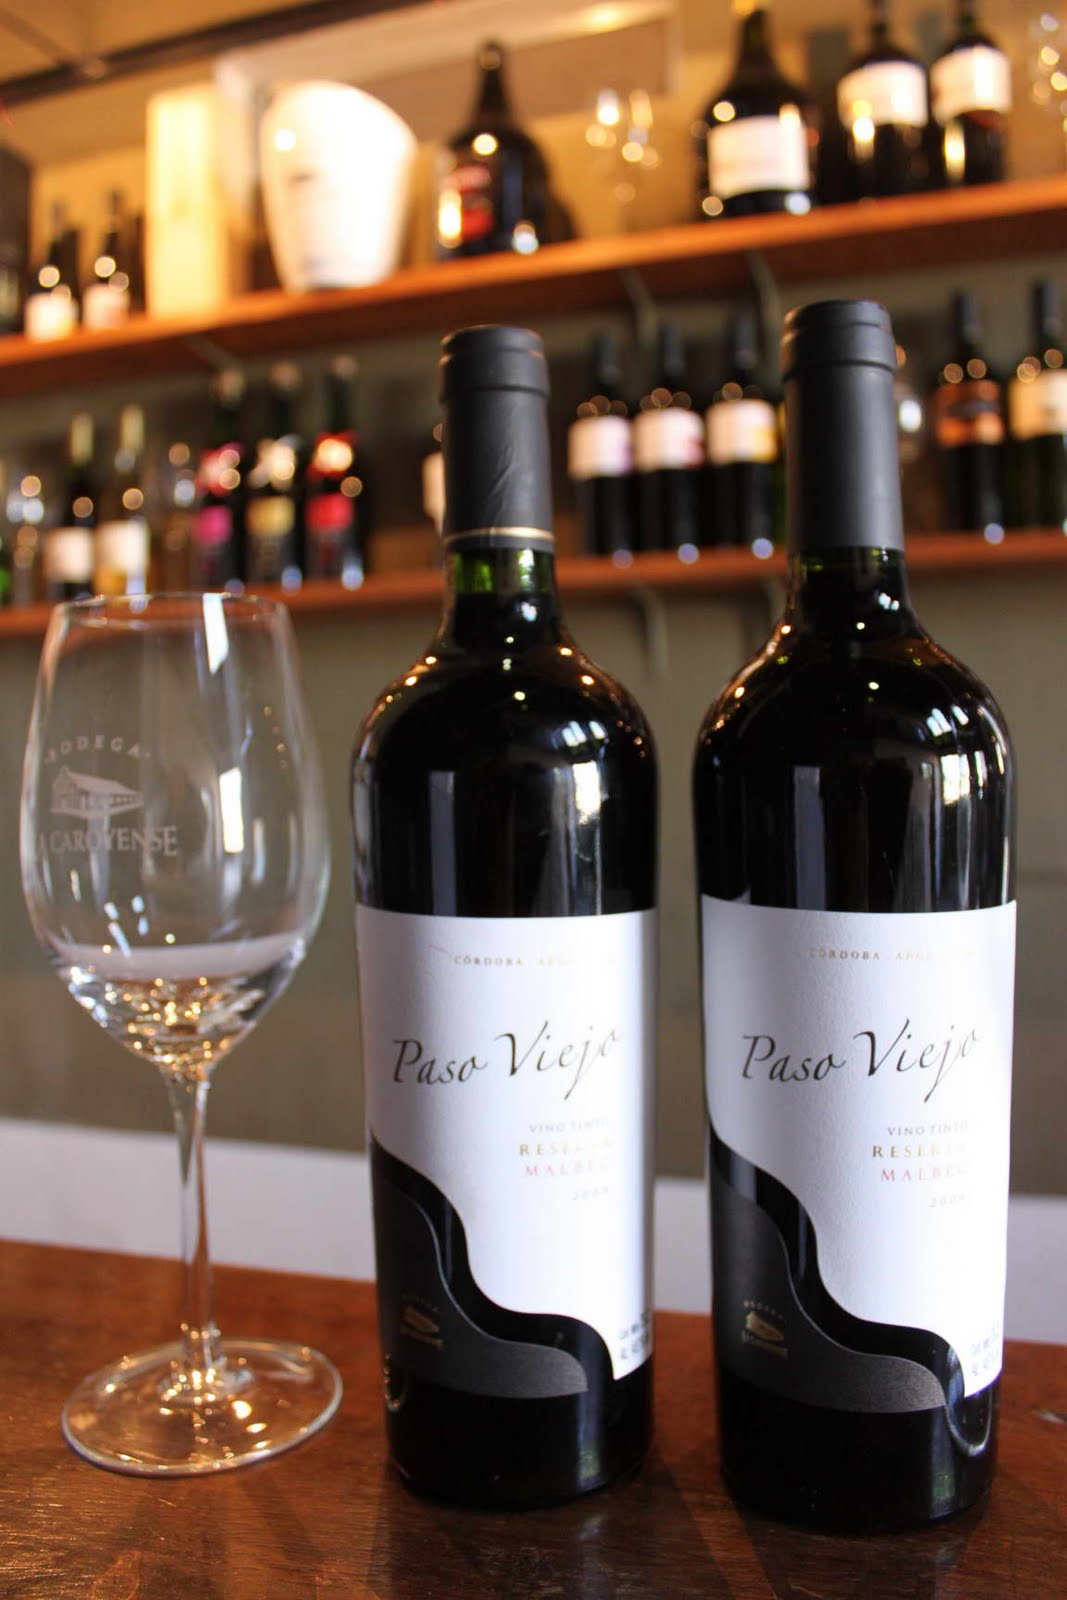 colonia caroya produjo su primer vino de alta gama en el 15 a o desde la reconversi n. Black Bedroom Furniture Sets. Home Design Ideas